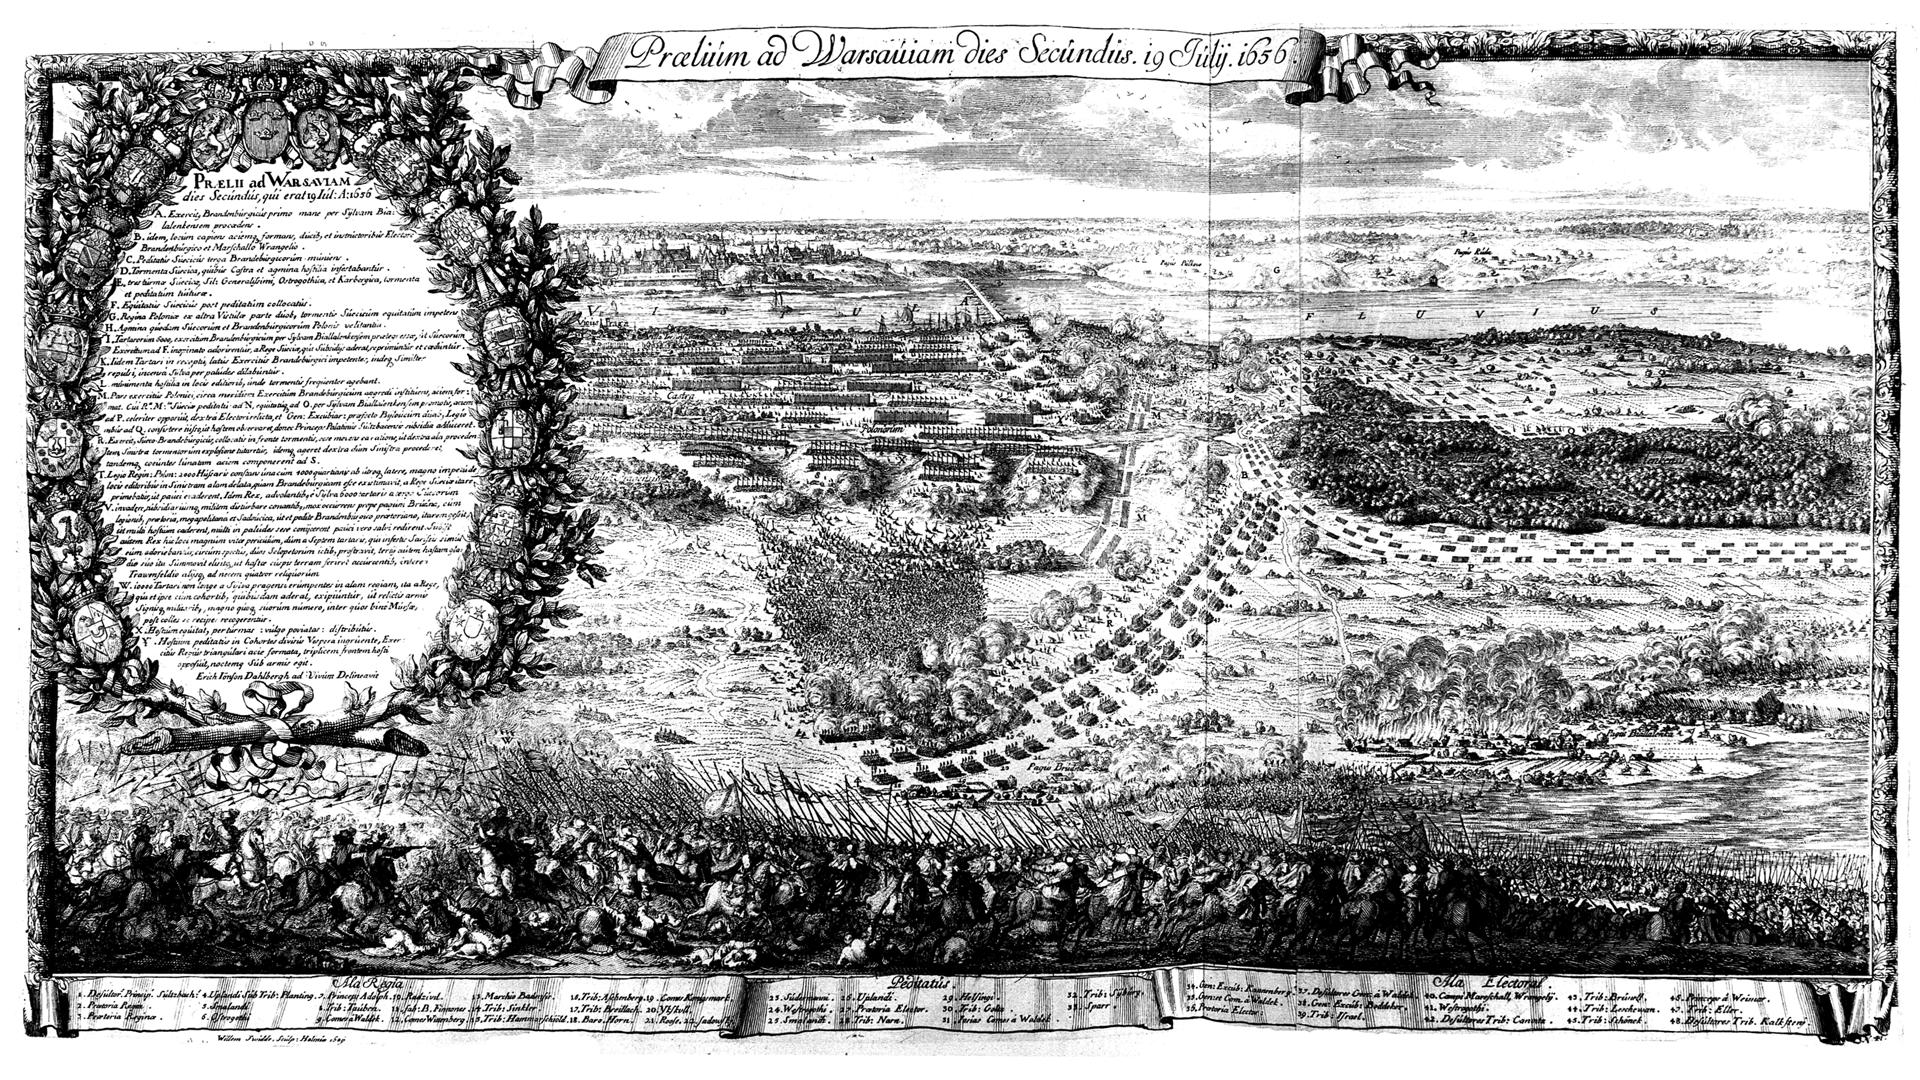 Drugi dzień bitwy pod Warszawą w1656 roku Źródło: Erik Dahlbergh, Drugi dzień bitwy pod Warszawą w1656 roku, 2 poł. XVII w., rycina, domena publiczna.